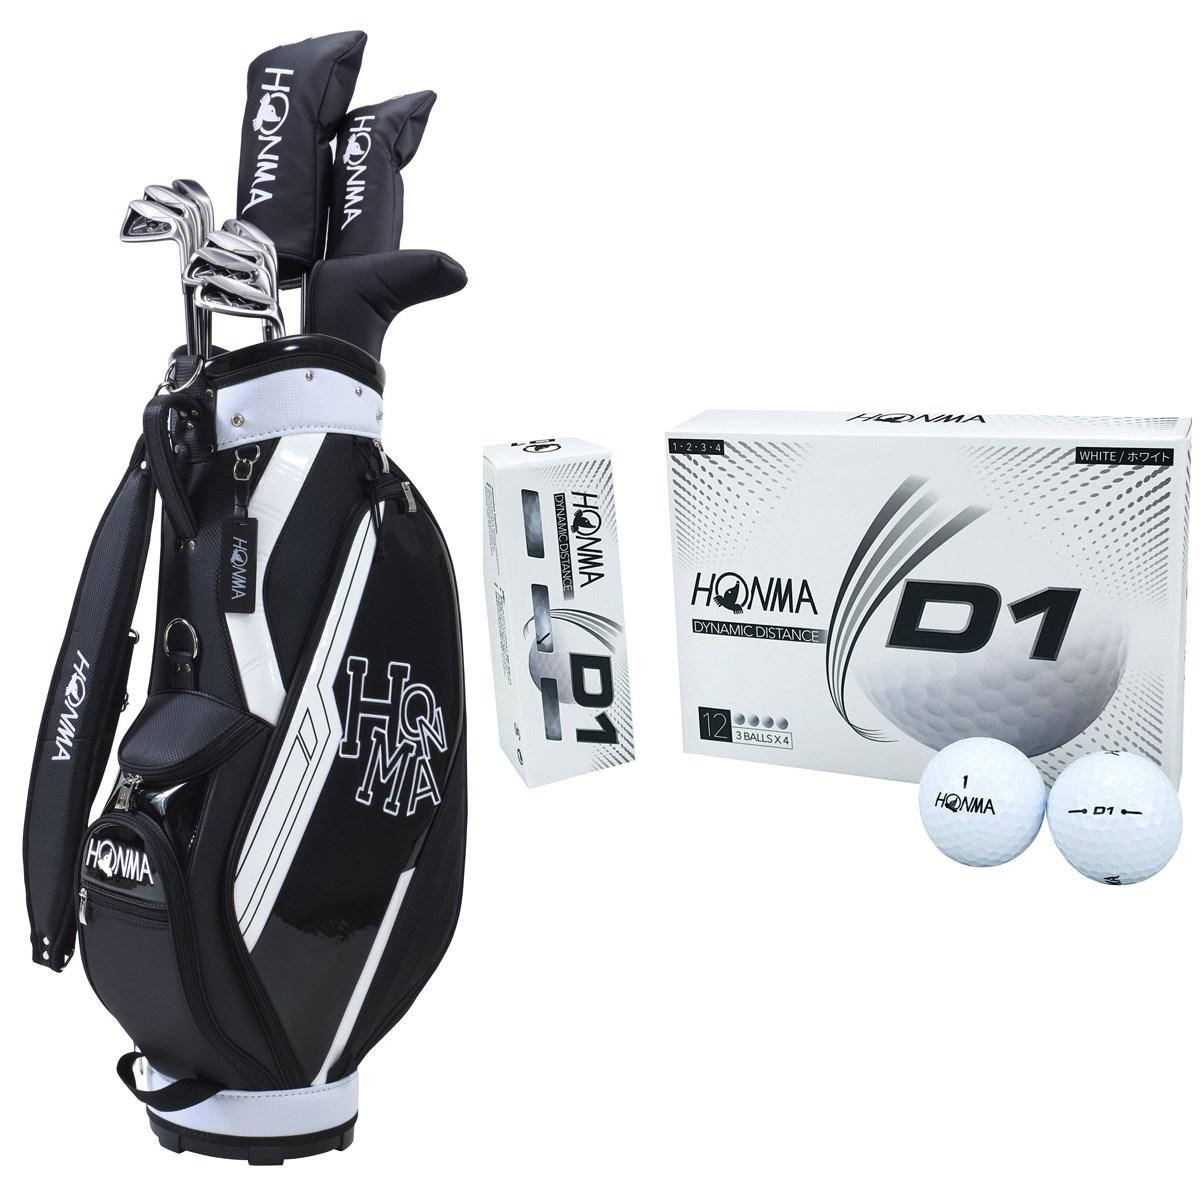 本間ゴルフ HONMA D1 オールインワンセット(10本セット)+ボール1ダースセット S 【クラブセット】ブラック/【ボール】ホワイト